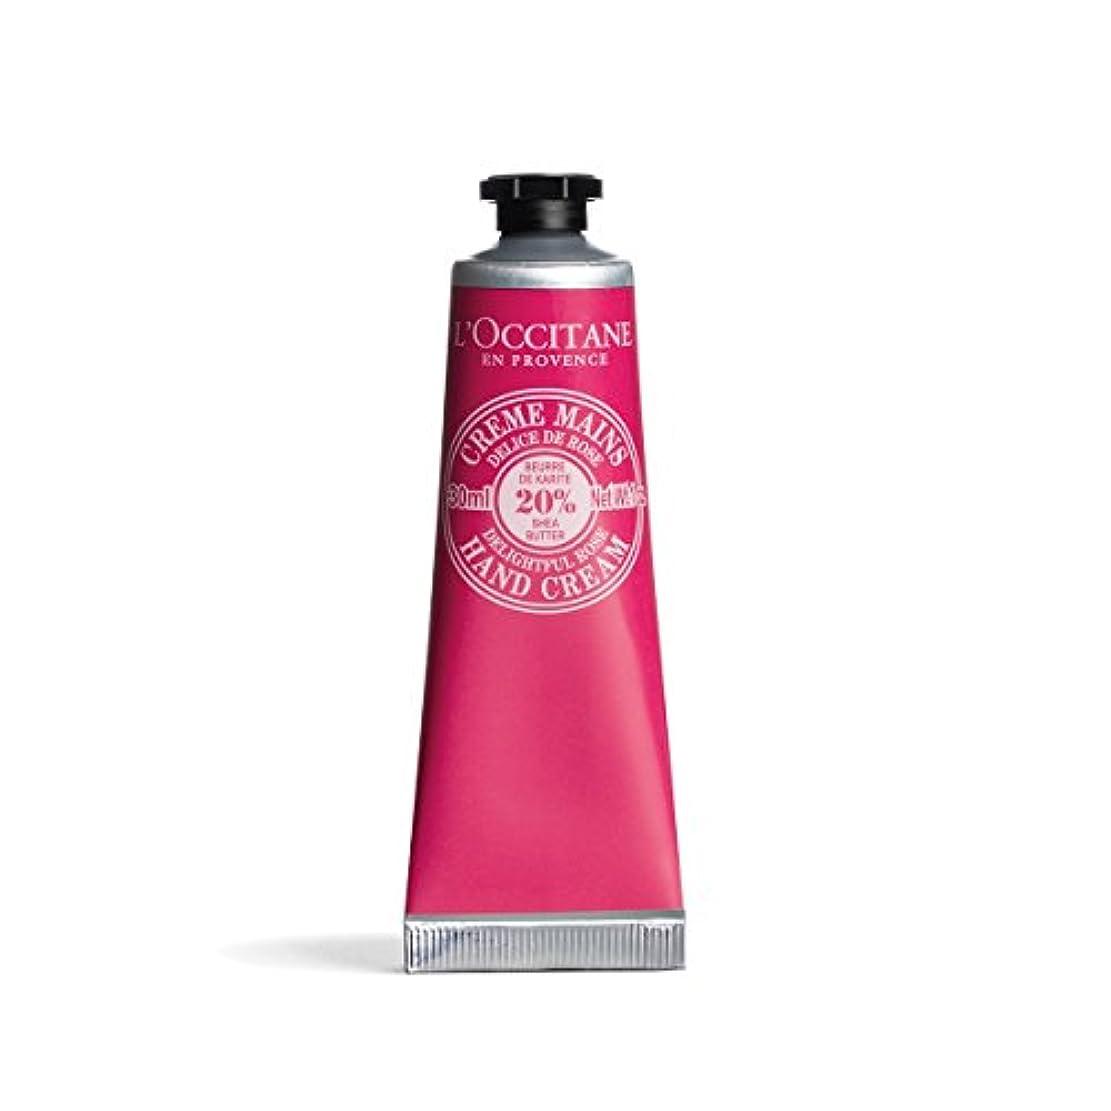 誤って価値不正直ロクシタン(L'OCCITANE) シア ハンドクリーム(ディライトフルローズ) 30ml